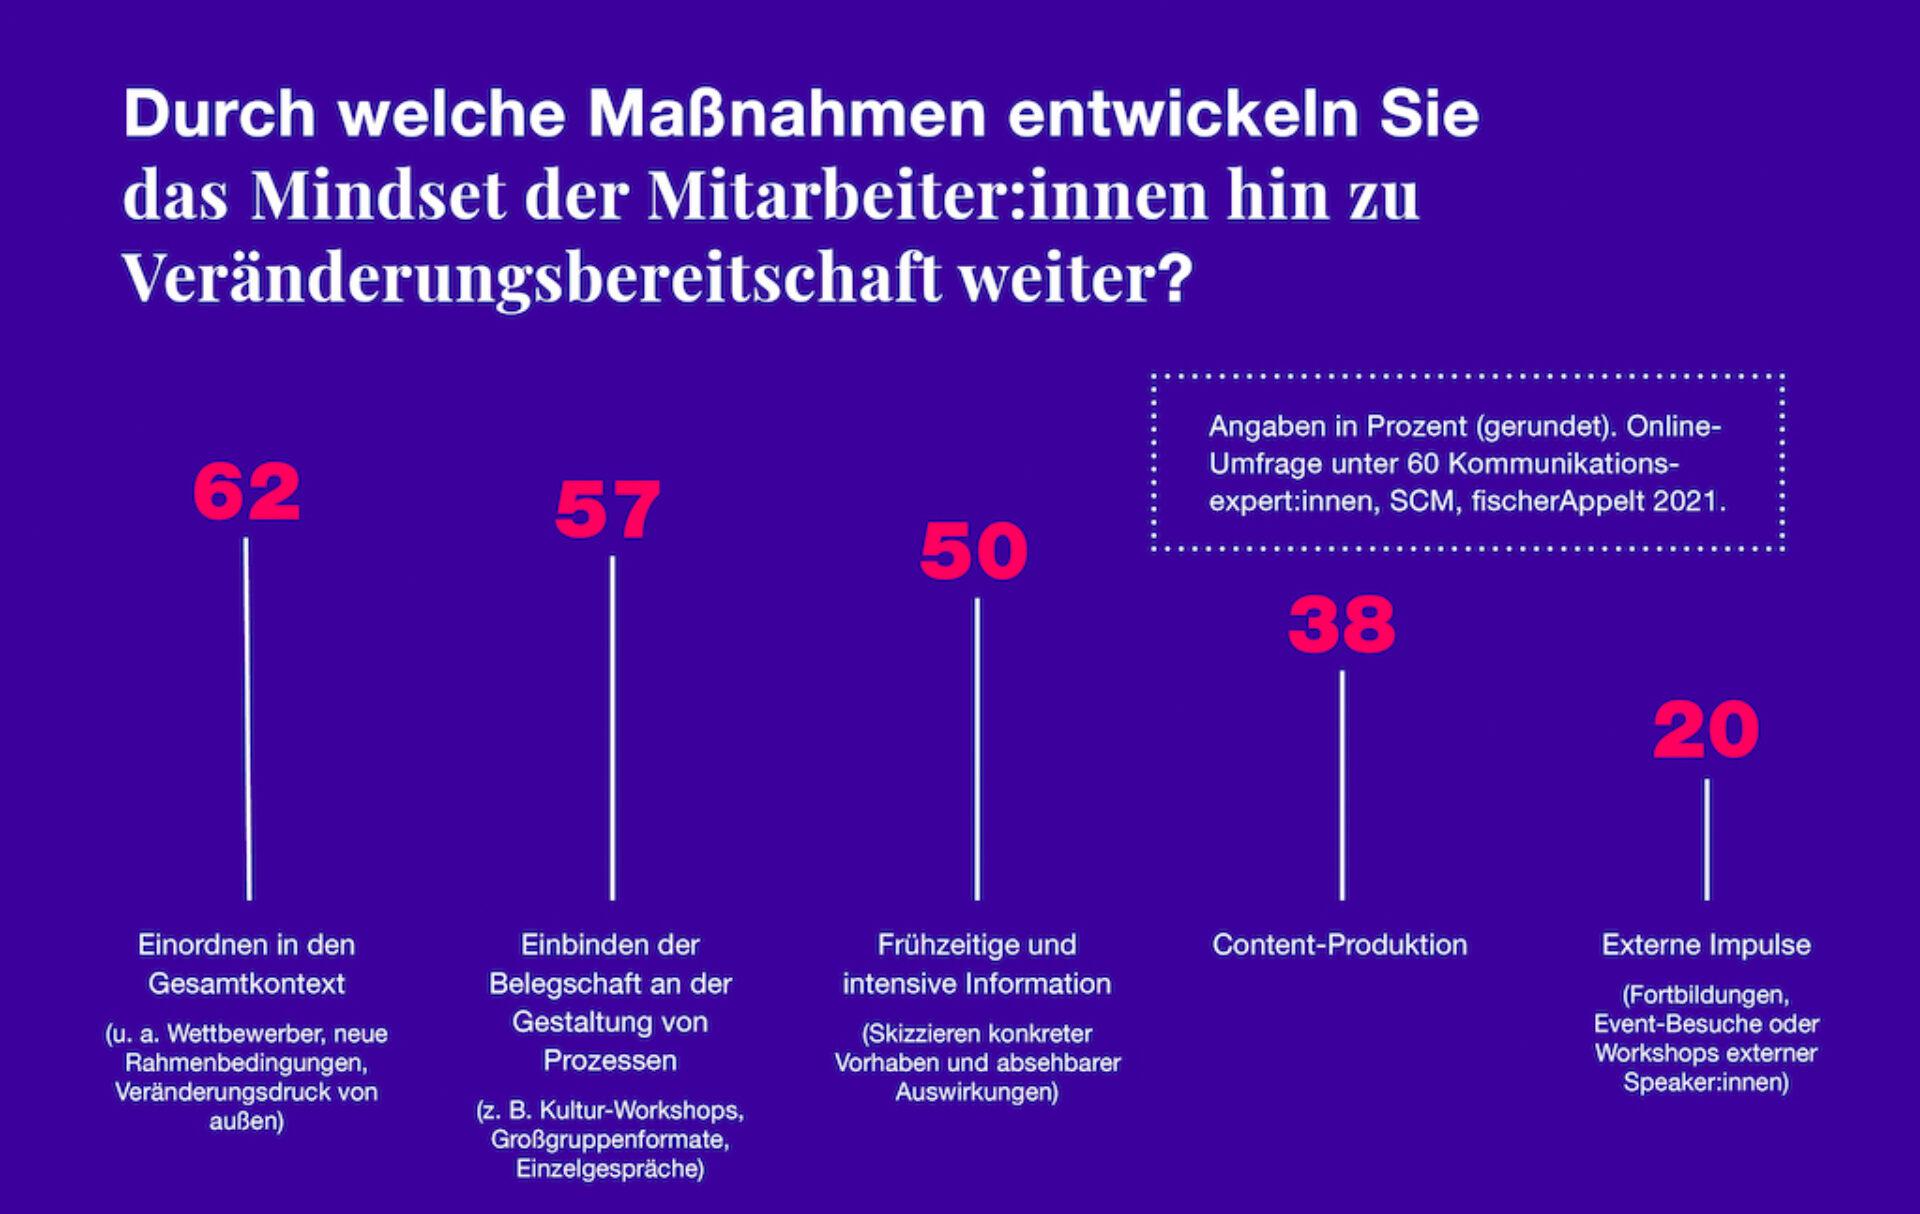 Infografik fischerAppelt SCM Umfrage Veränderungskommunikation 2021